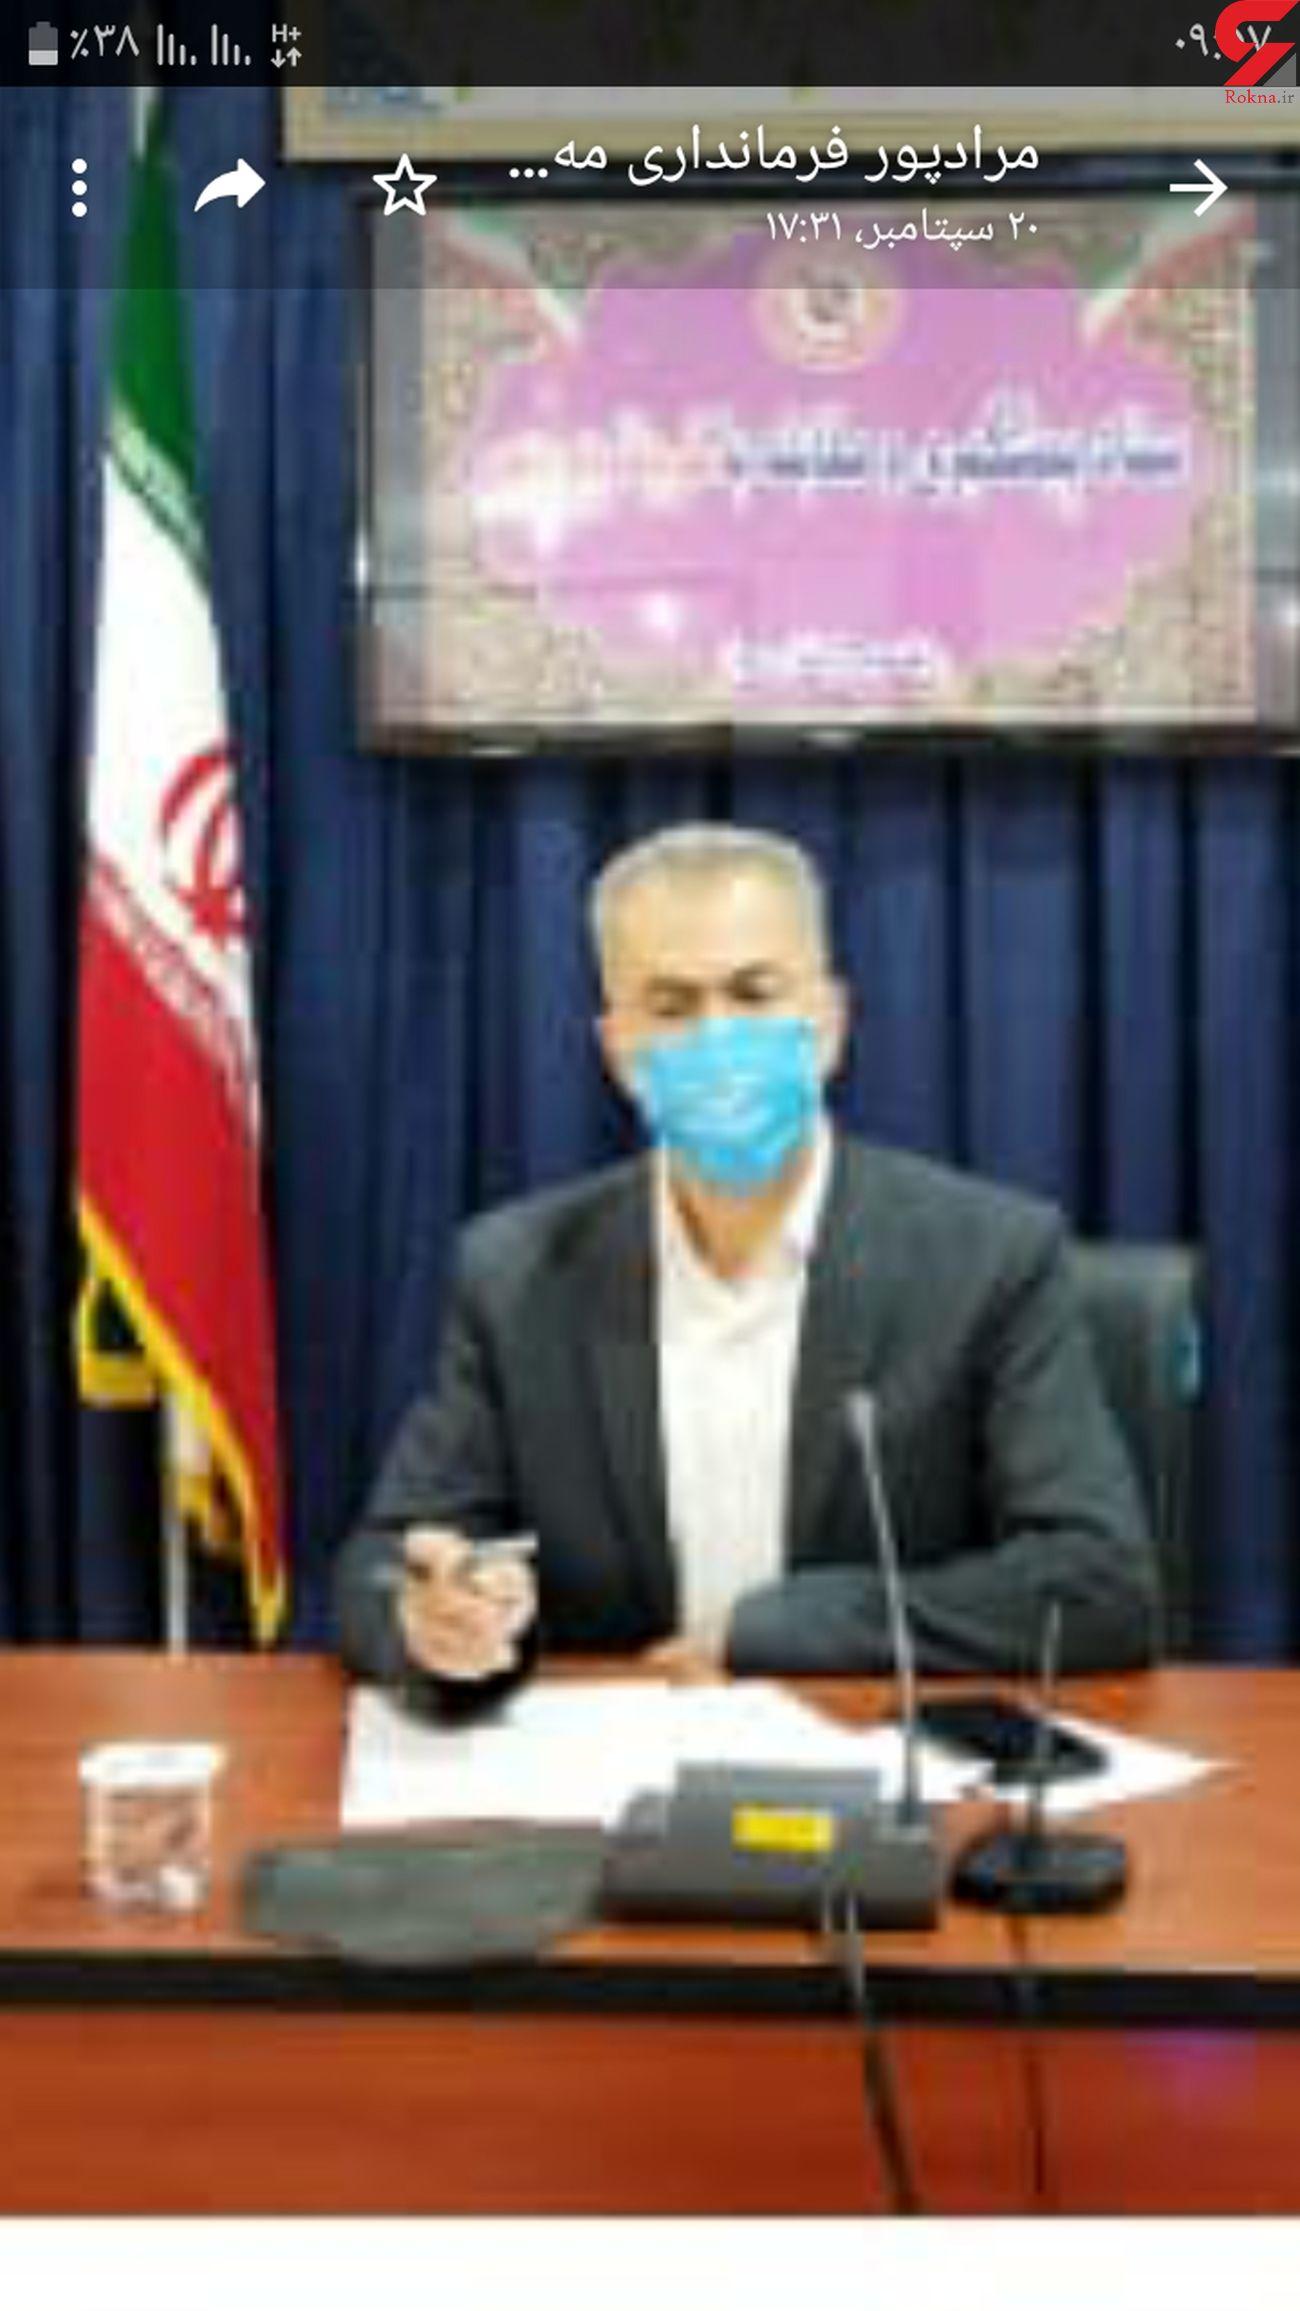 ۲۸۵۰۰ زائر اربعین از مرز مهران وارد کشور شدند